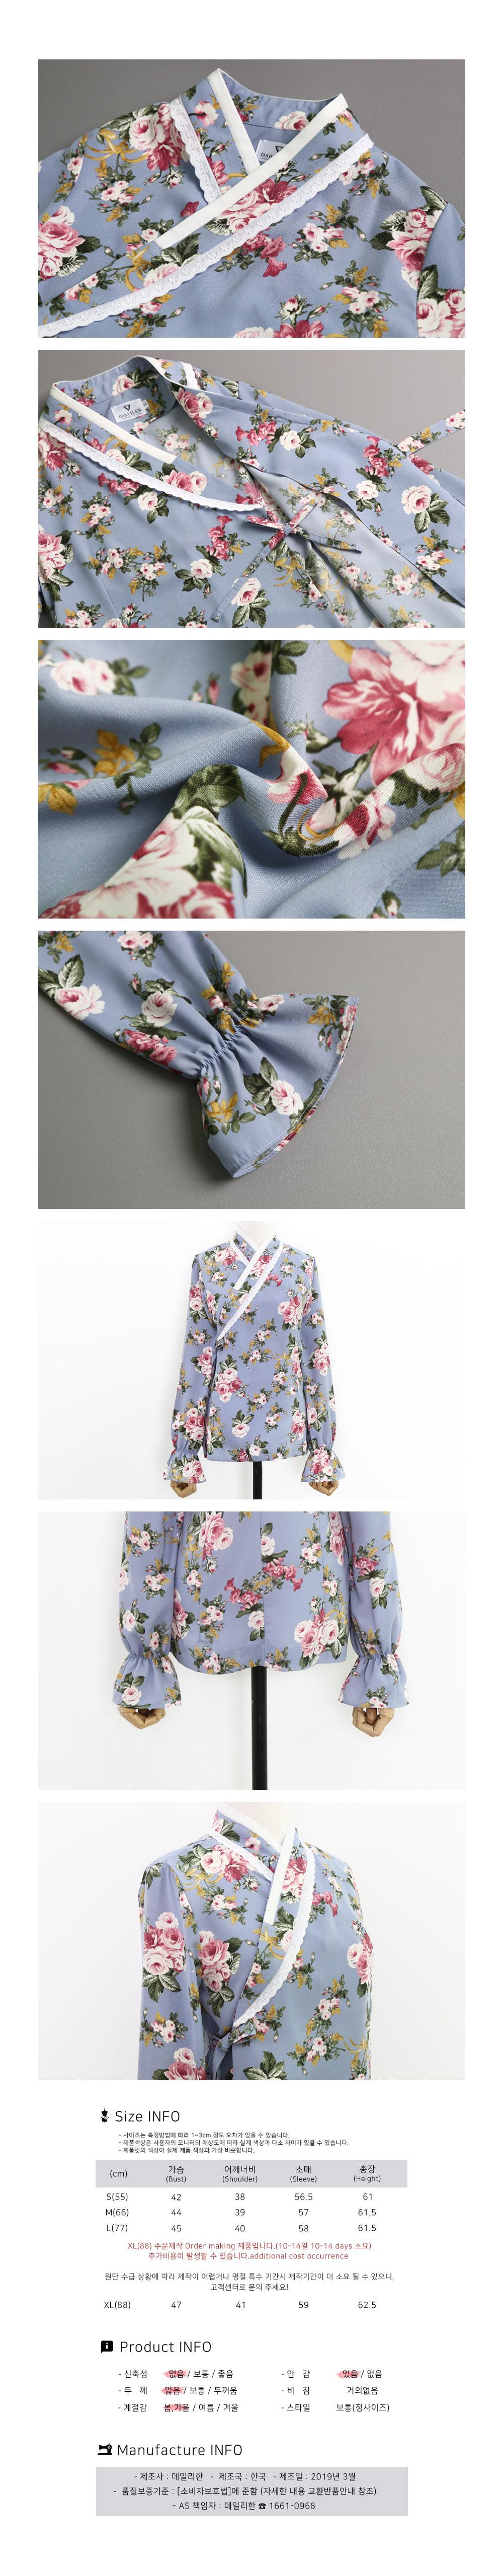 줄리엣 블라우스형 저고리 - 블루 - 데일리한, 77,000원, 생활한복, 여성한복